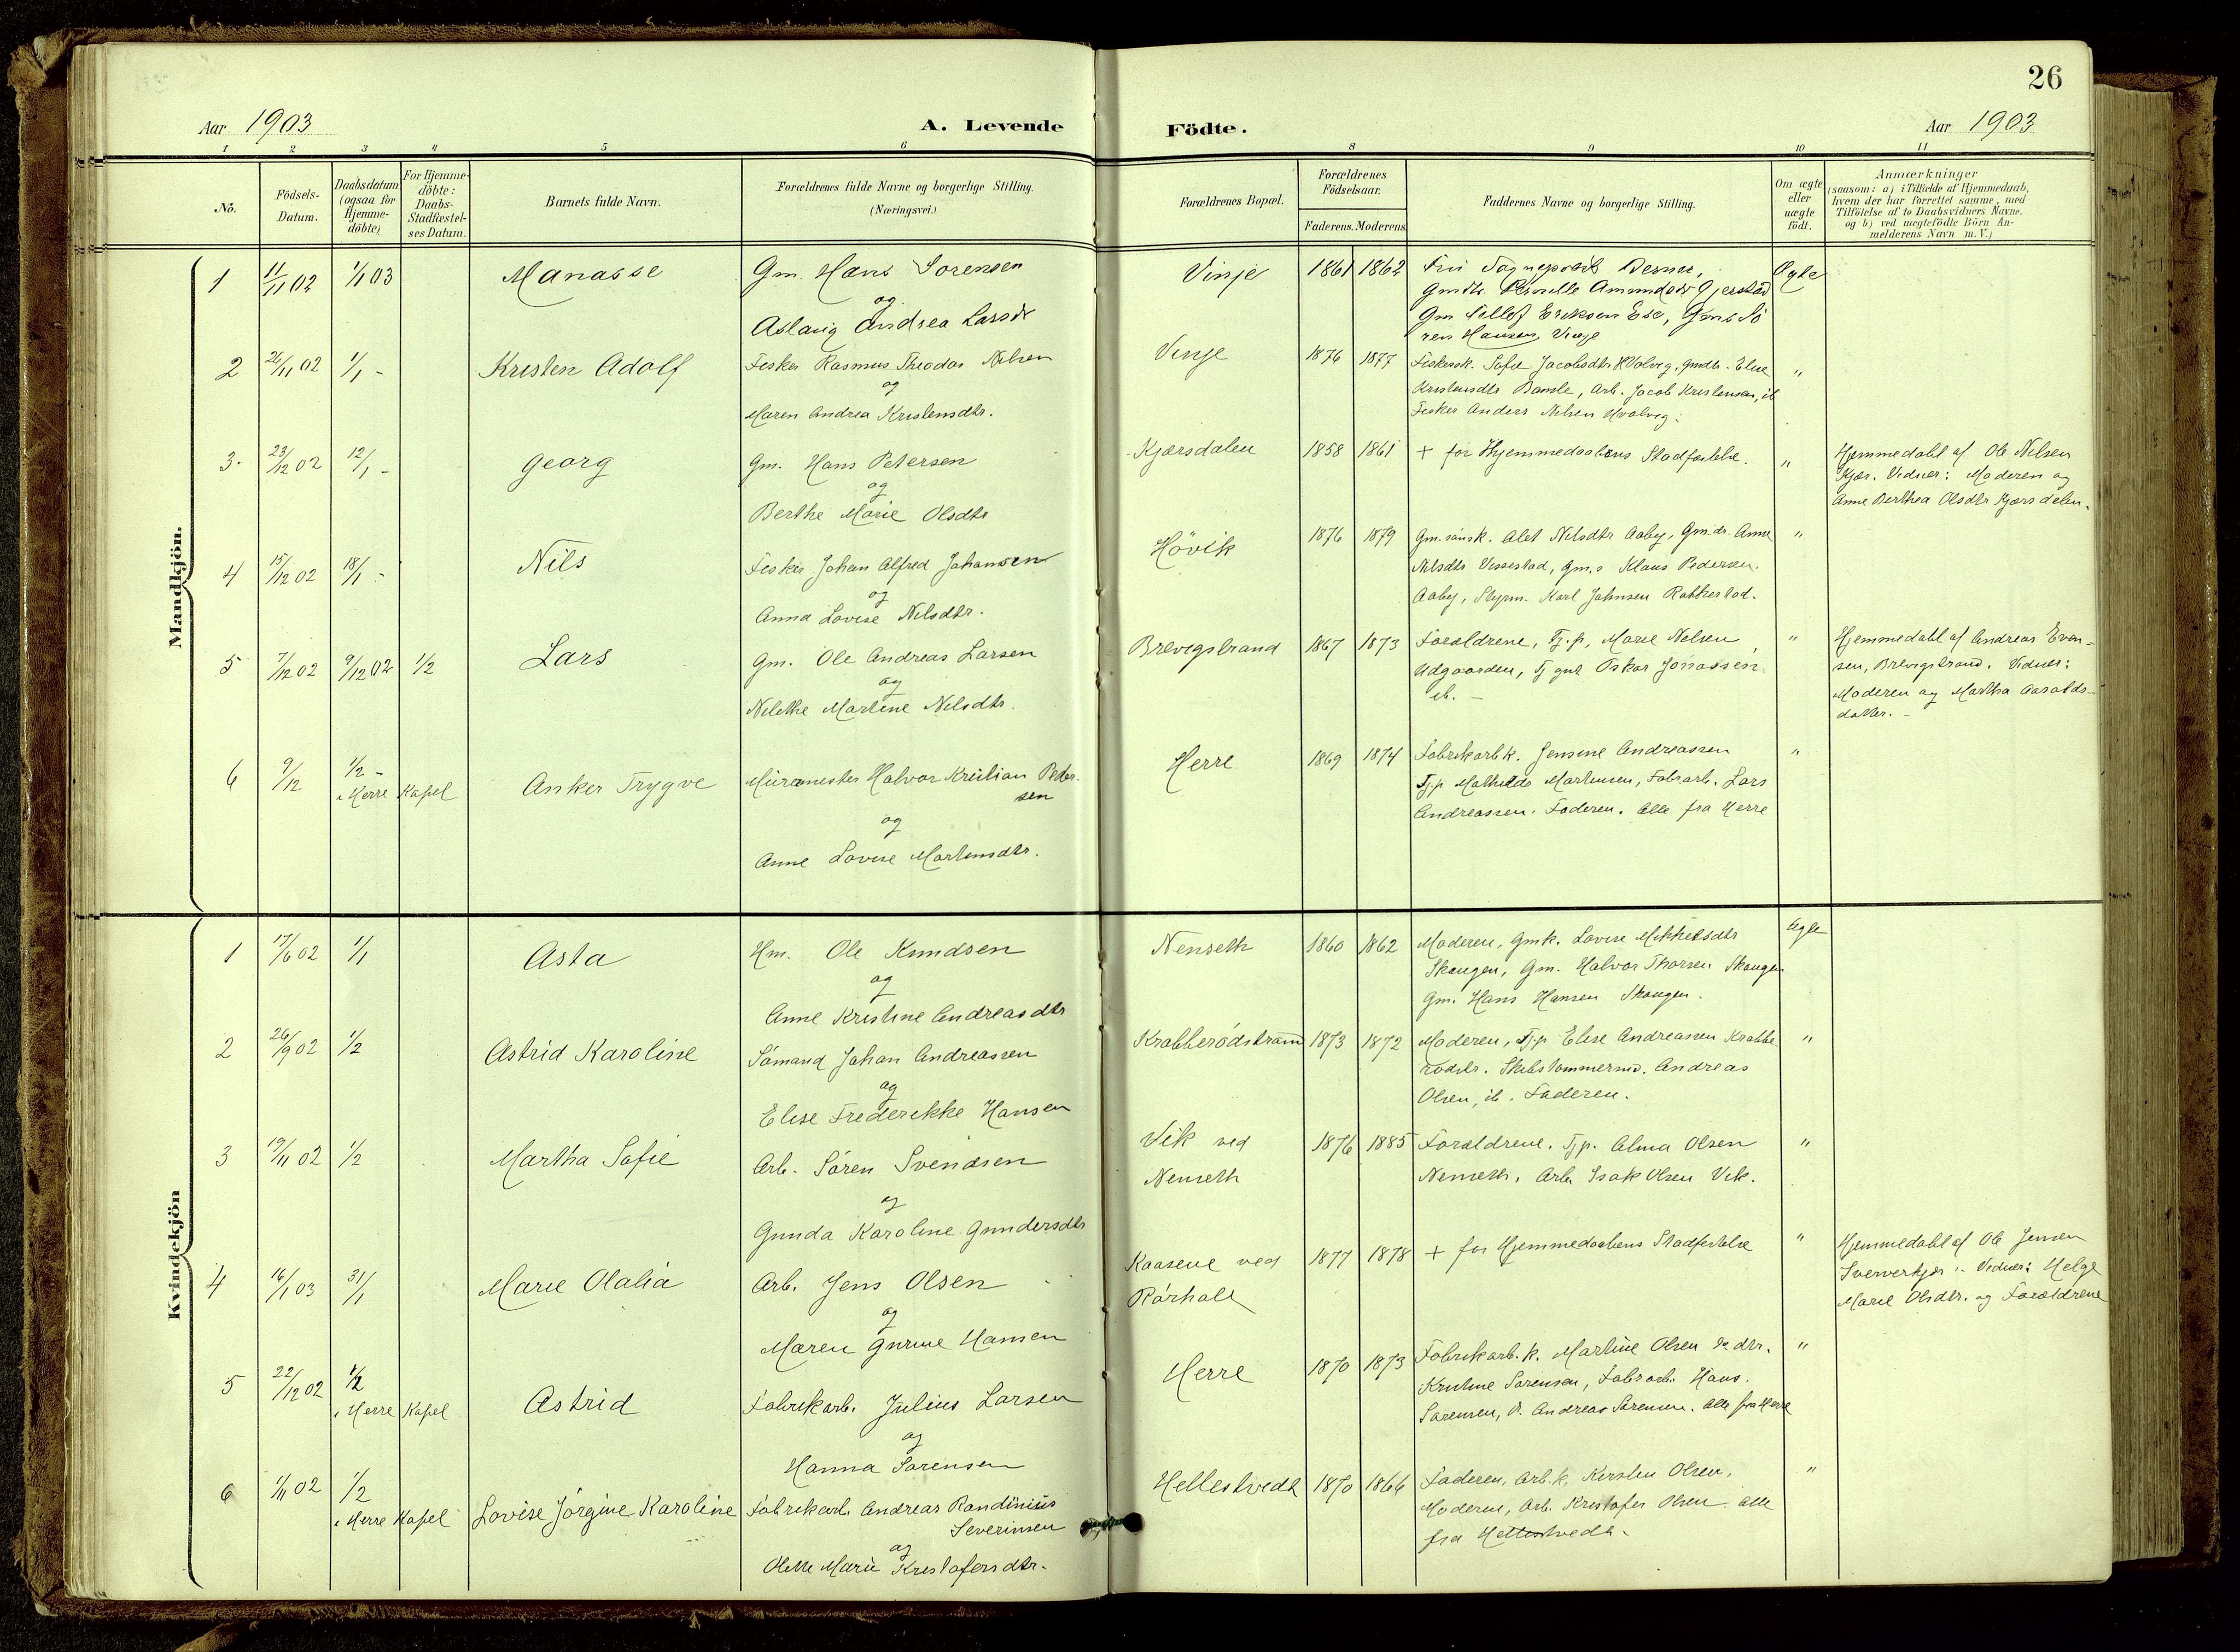 SAKO, Bamble kirkebøker, G/Ga/L0010: Klokkerbok nr. I 10, 1901-1919, s. 26